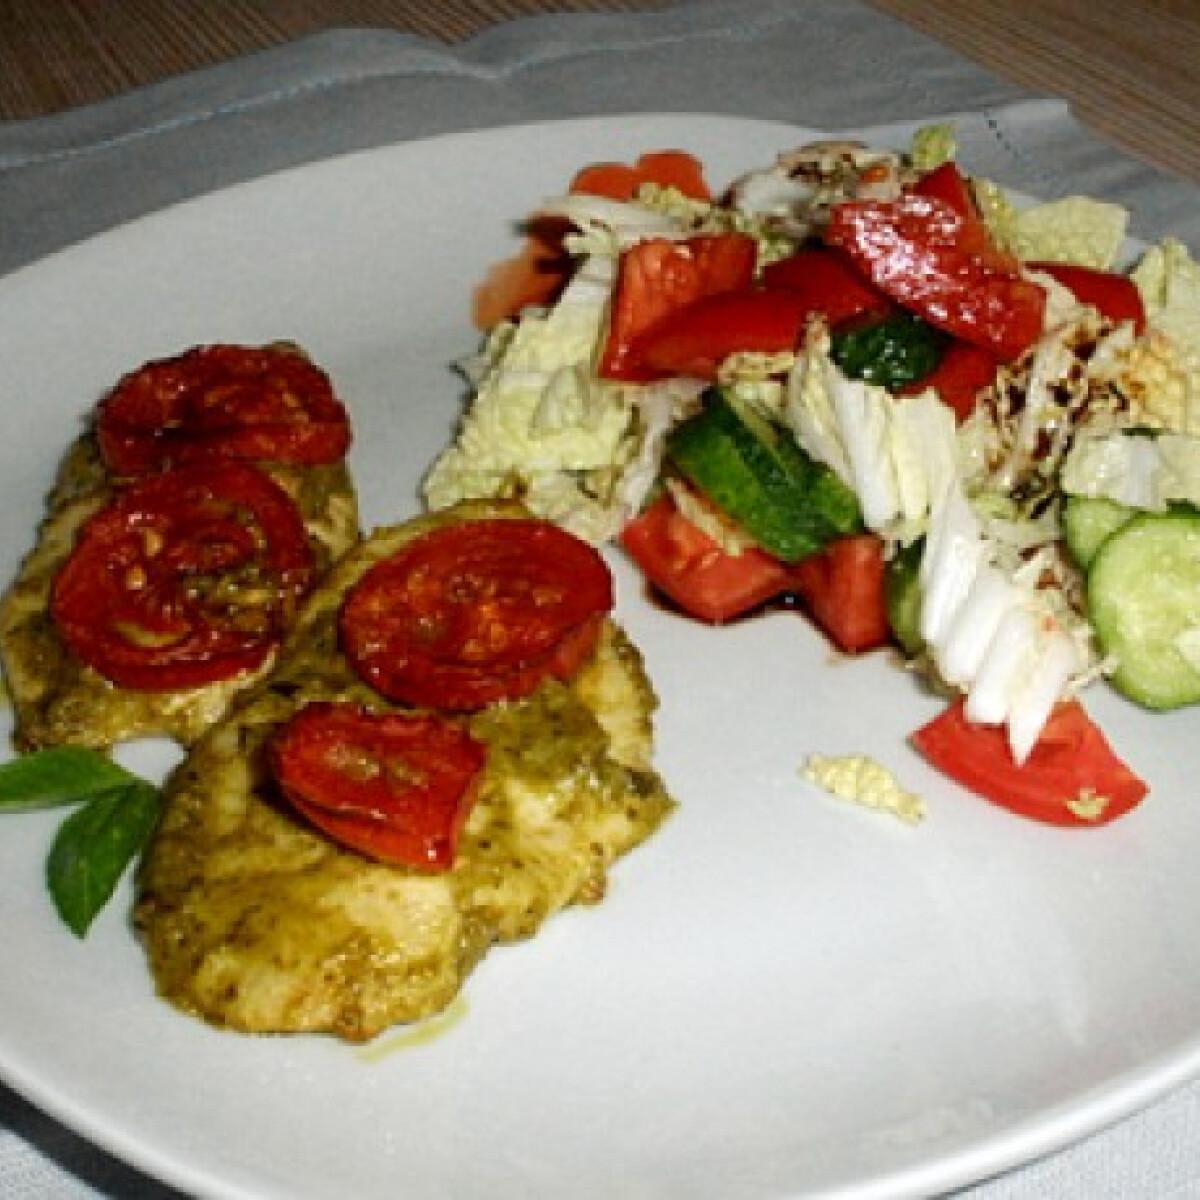 Ezen a képen: Pesto-s csirke salátával